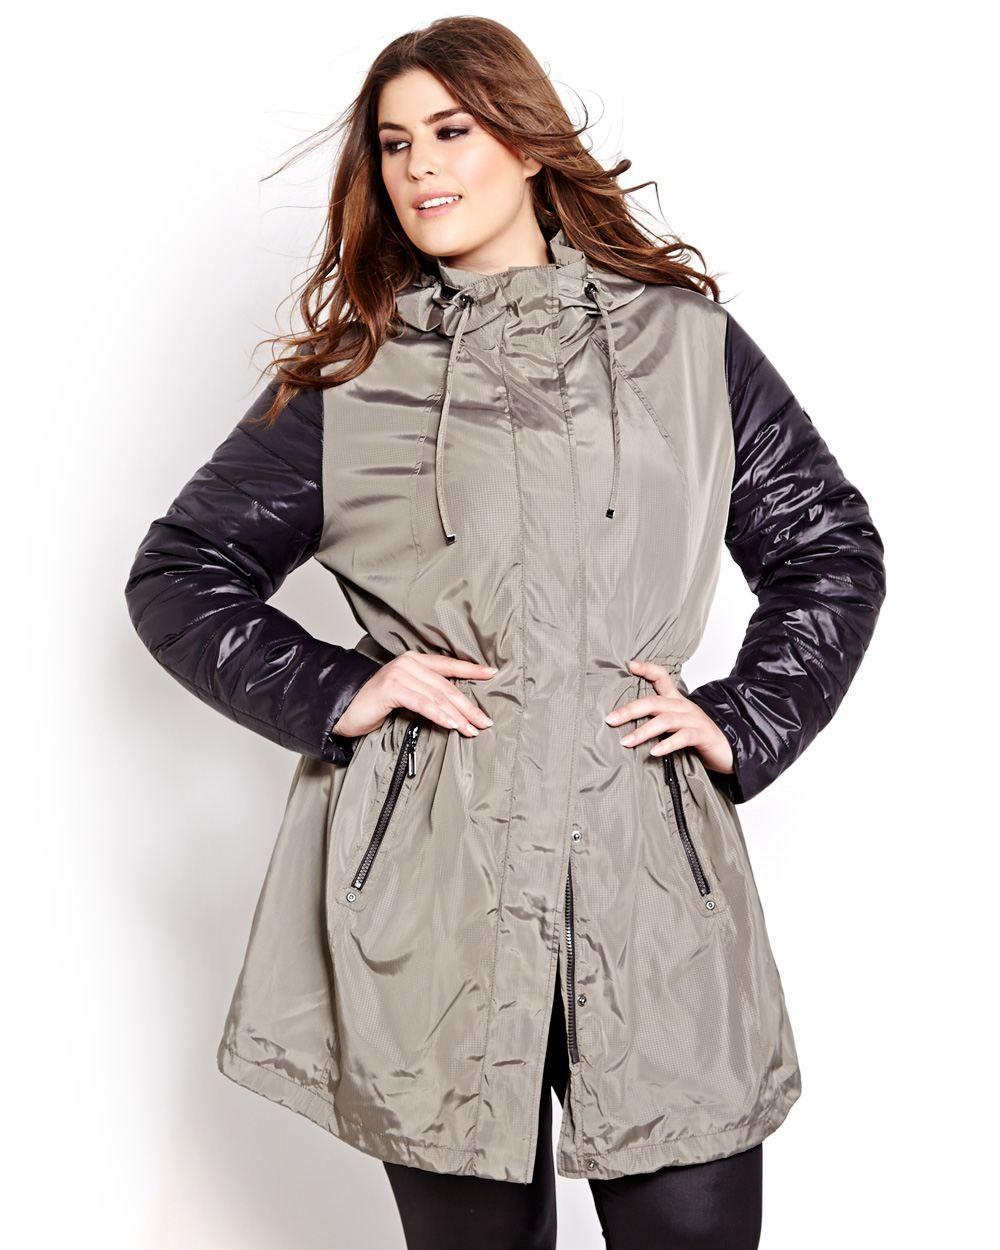 Marcona Rain Coat | Coat, Raincoat, Dressed to kill